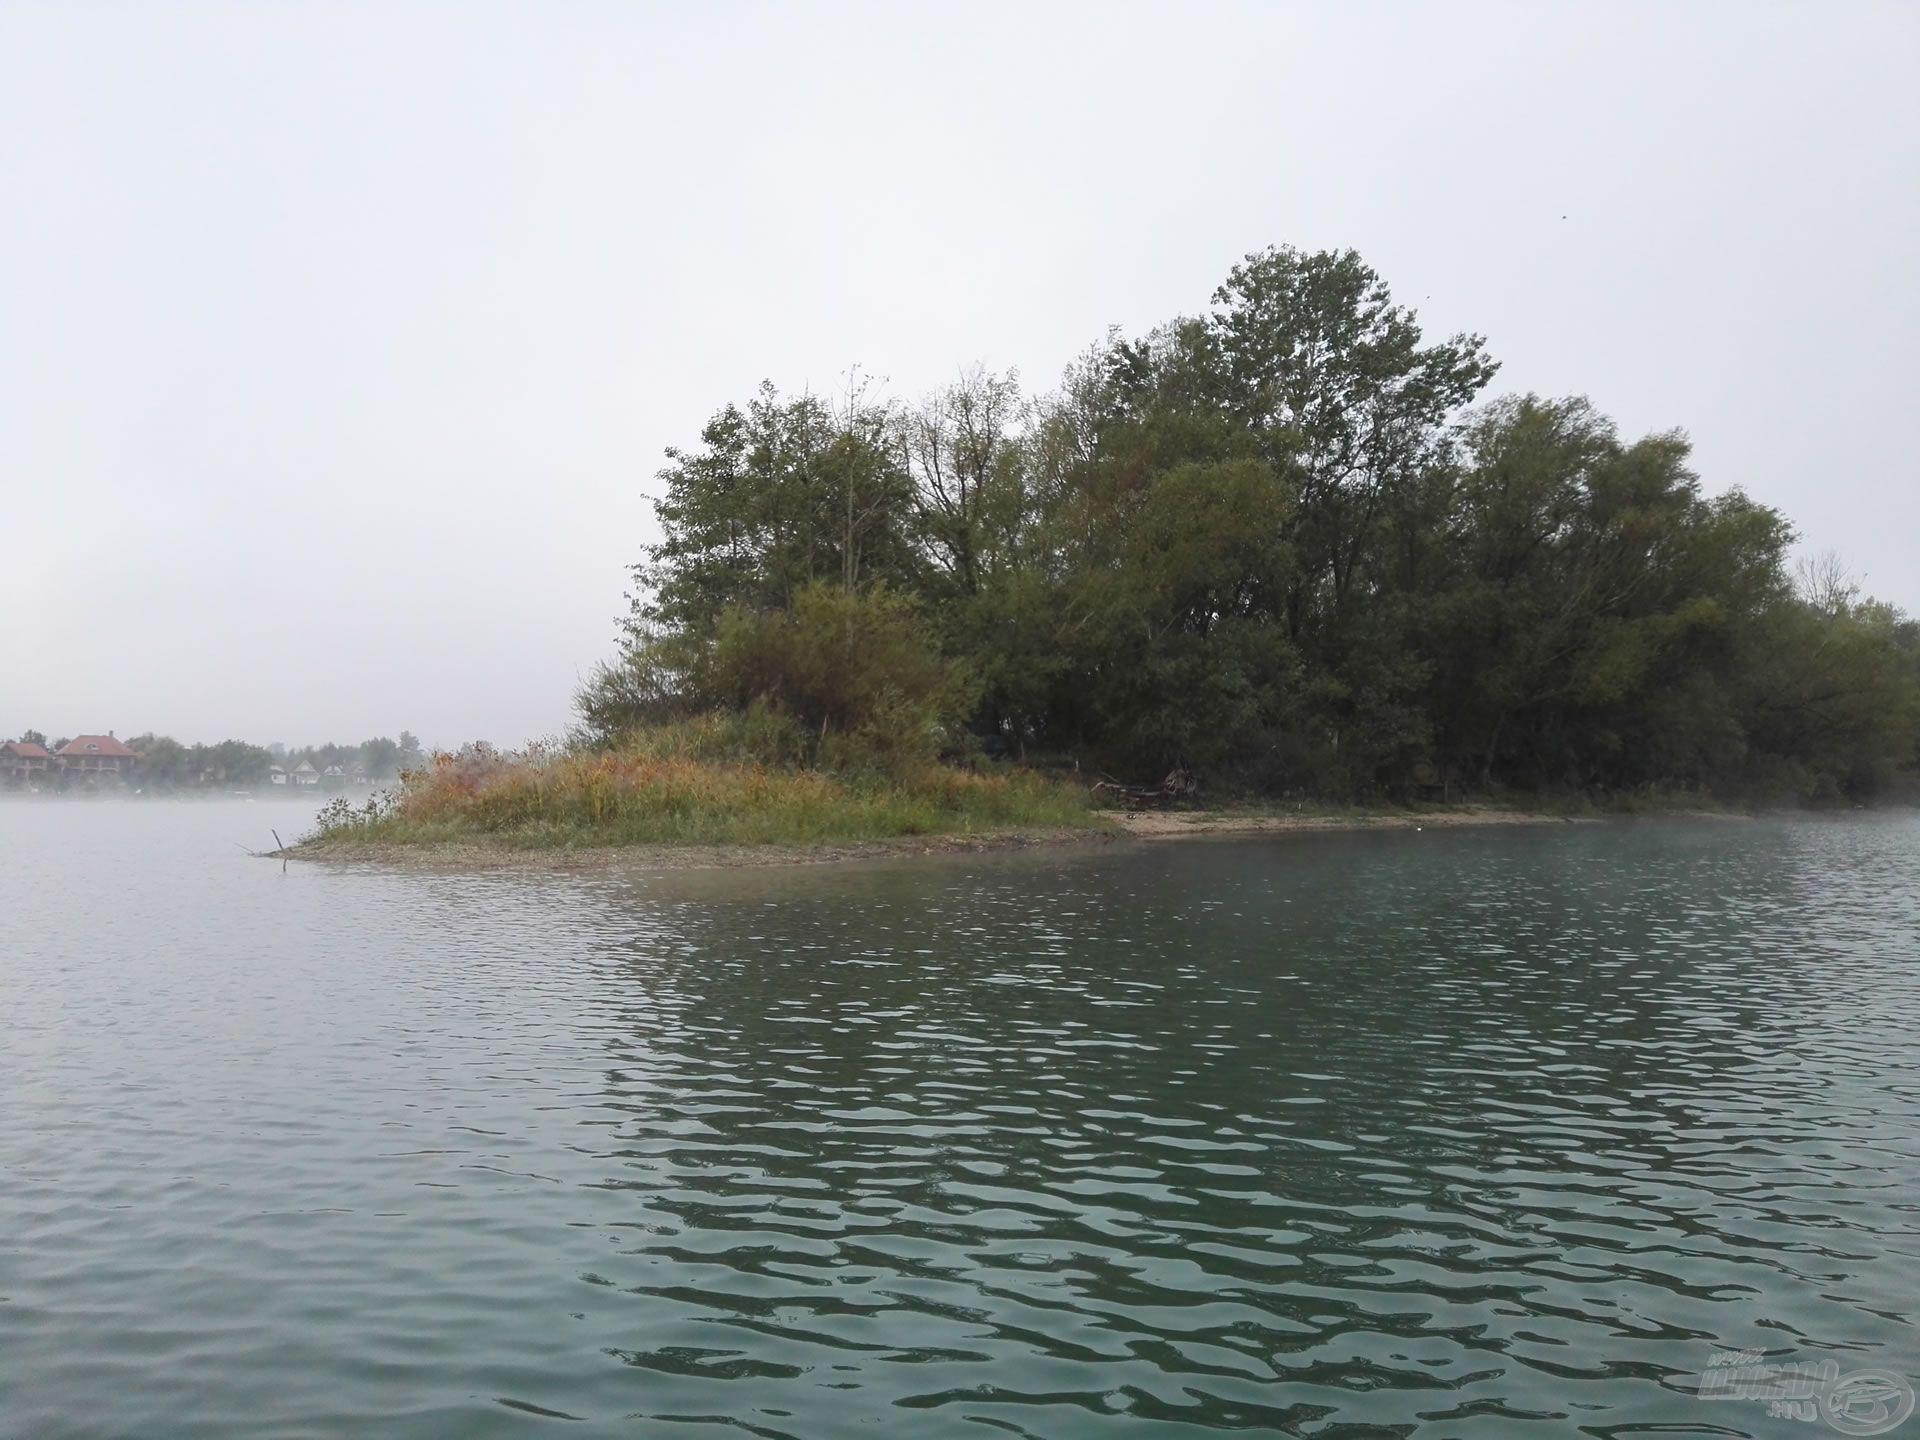 Horgászhelyem, a szigetspicc